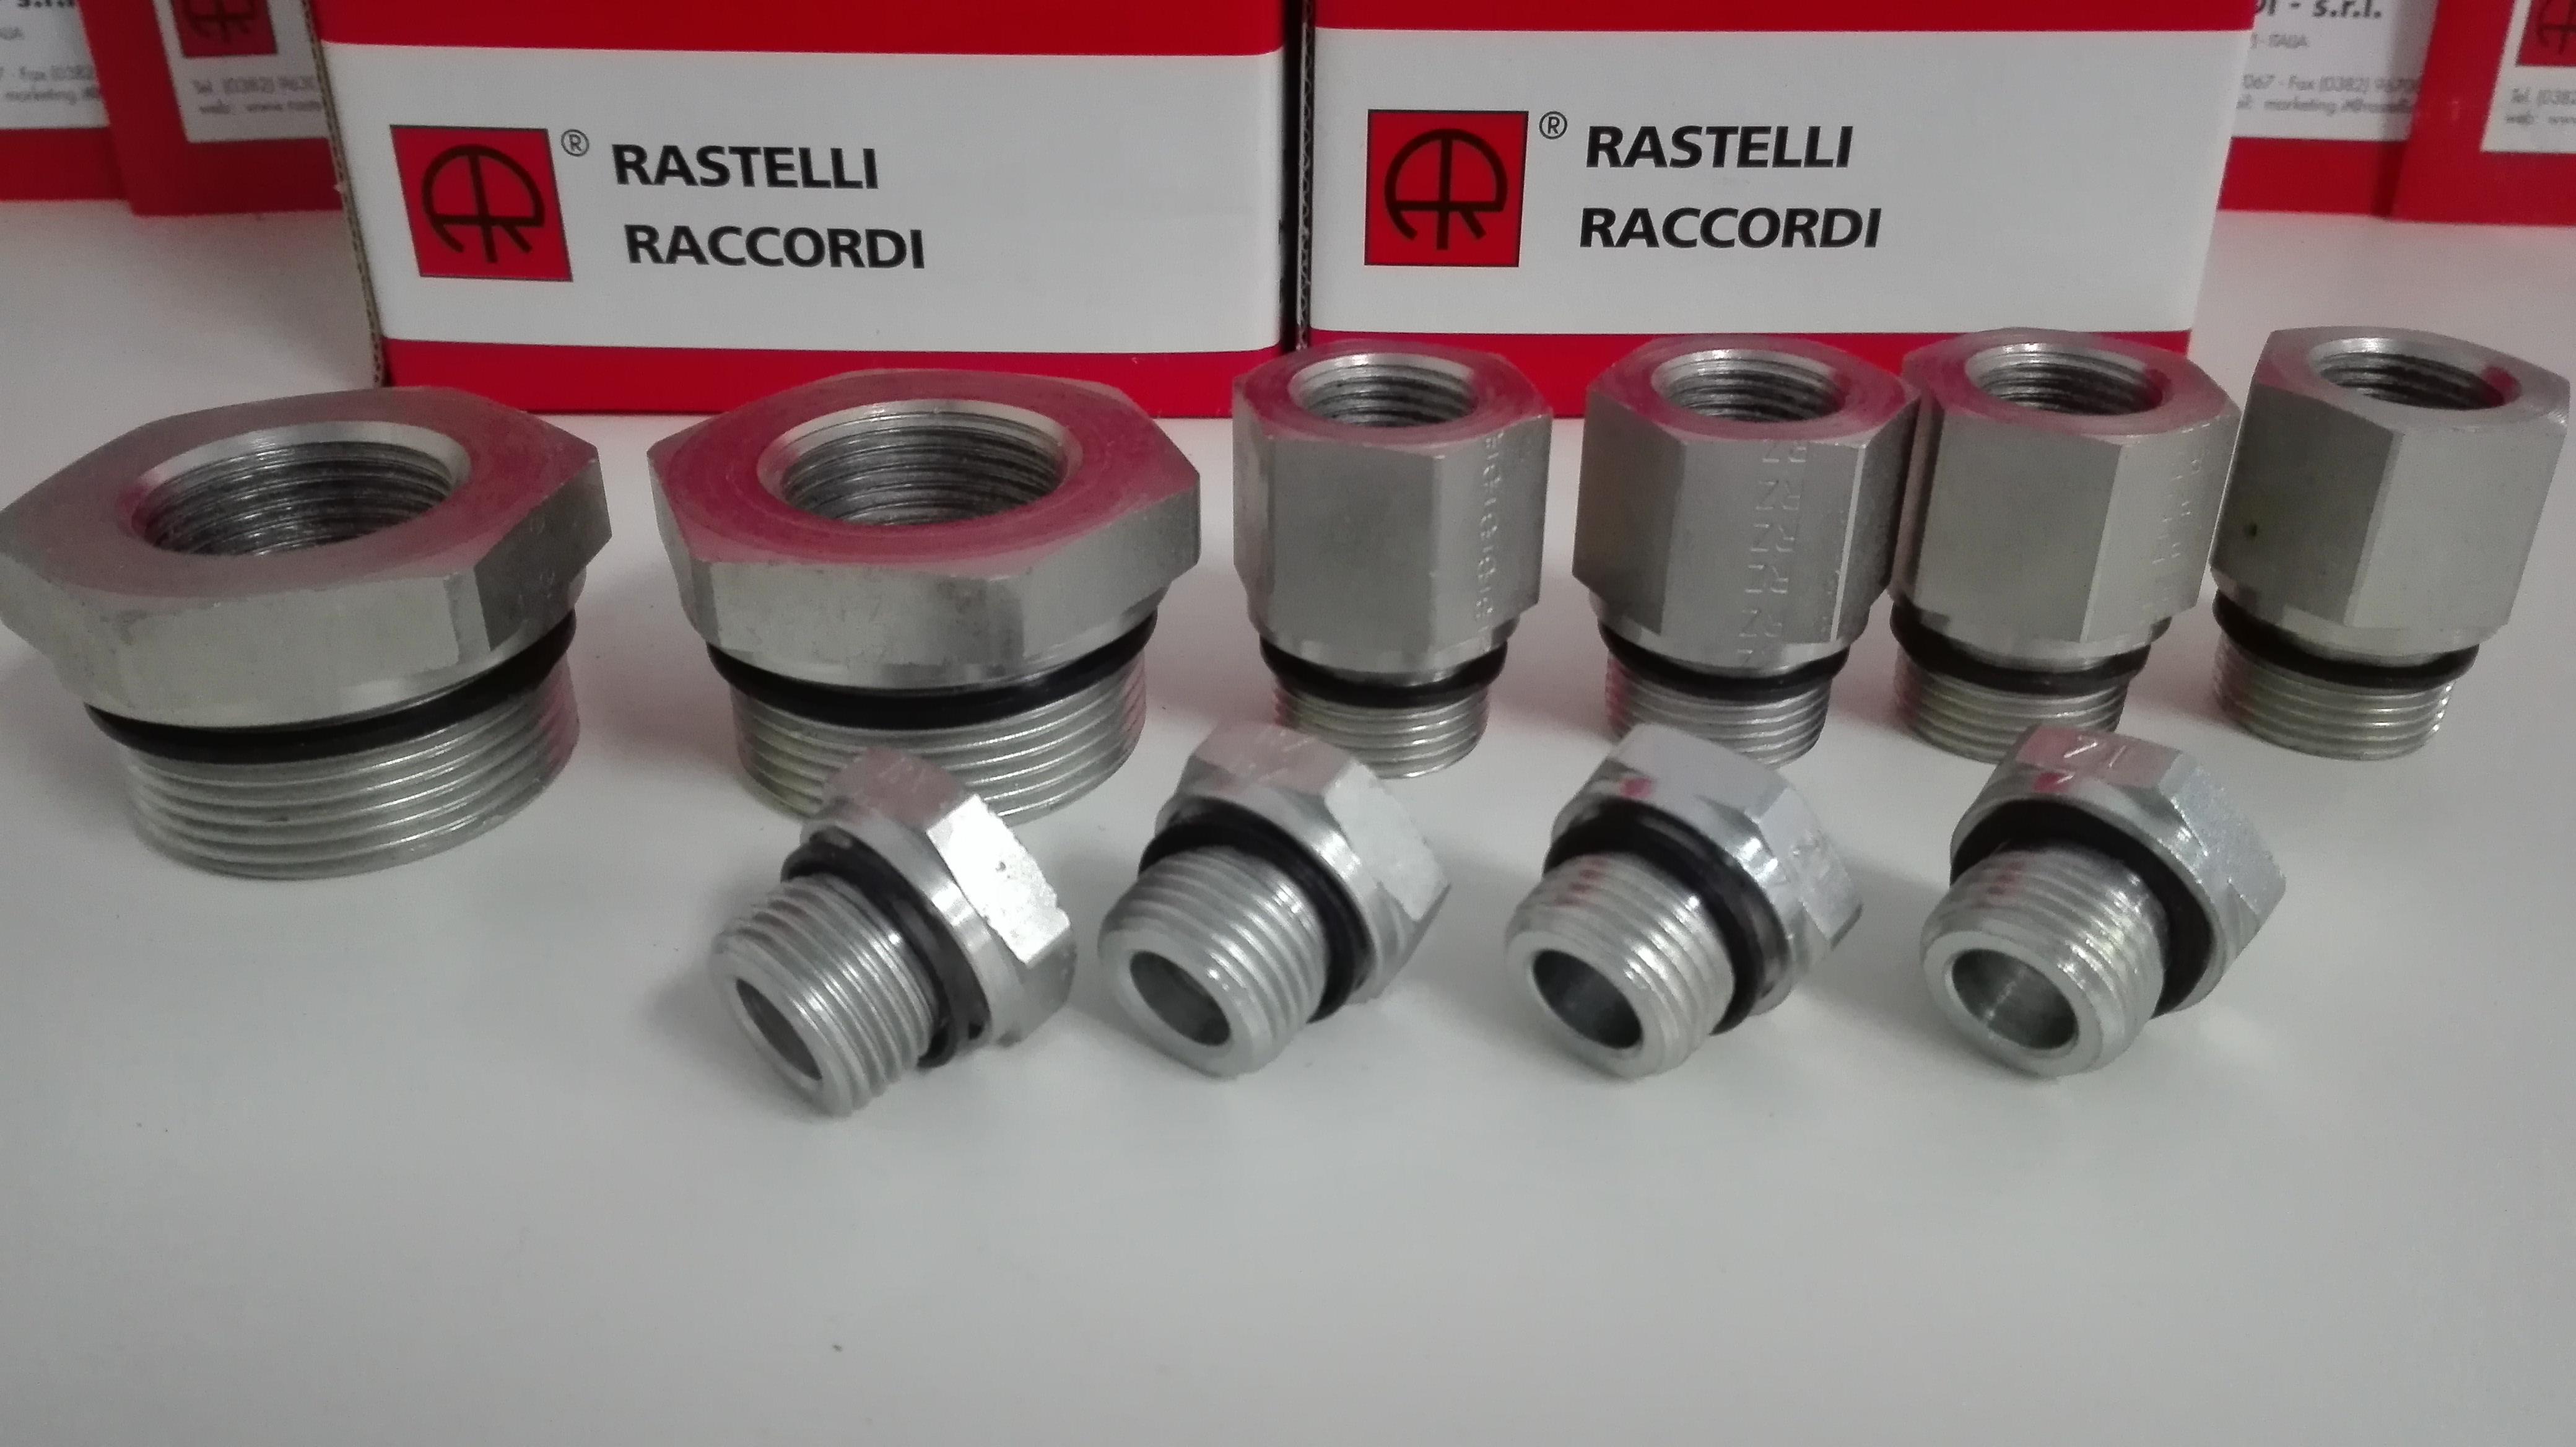 雷斯特利 TN141GG 变径补芯接头 卡套式接头 液压管路连接件